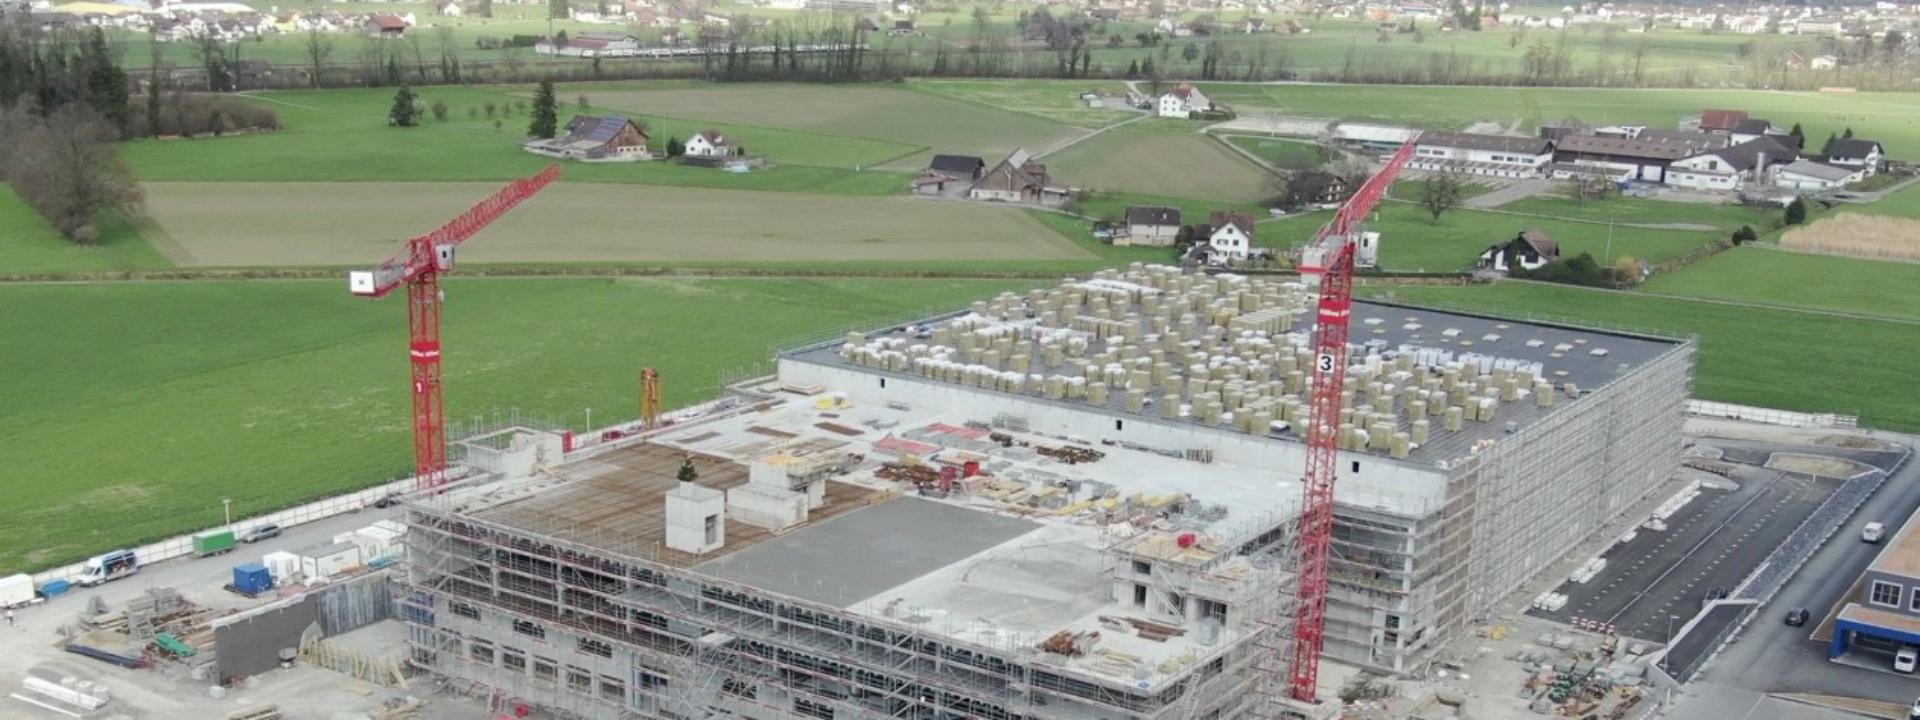 Baufortschritt bei Projekt Gesamtplanung Distributionszentrum für Estee Lauder